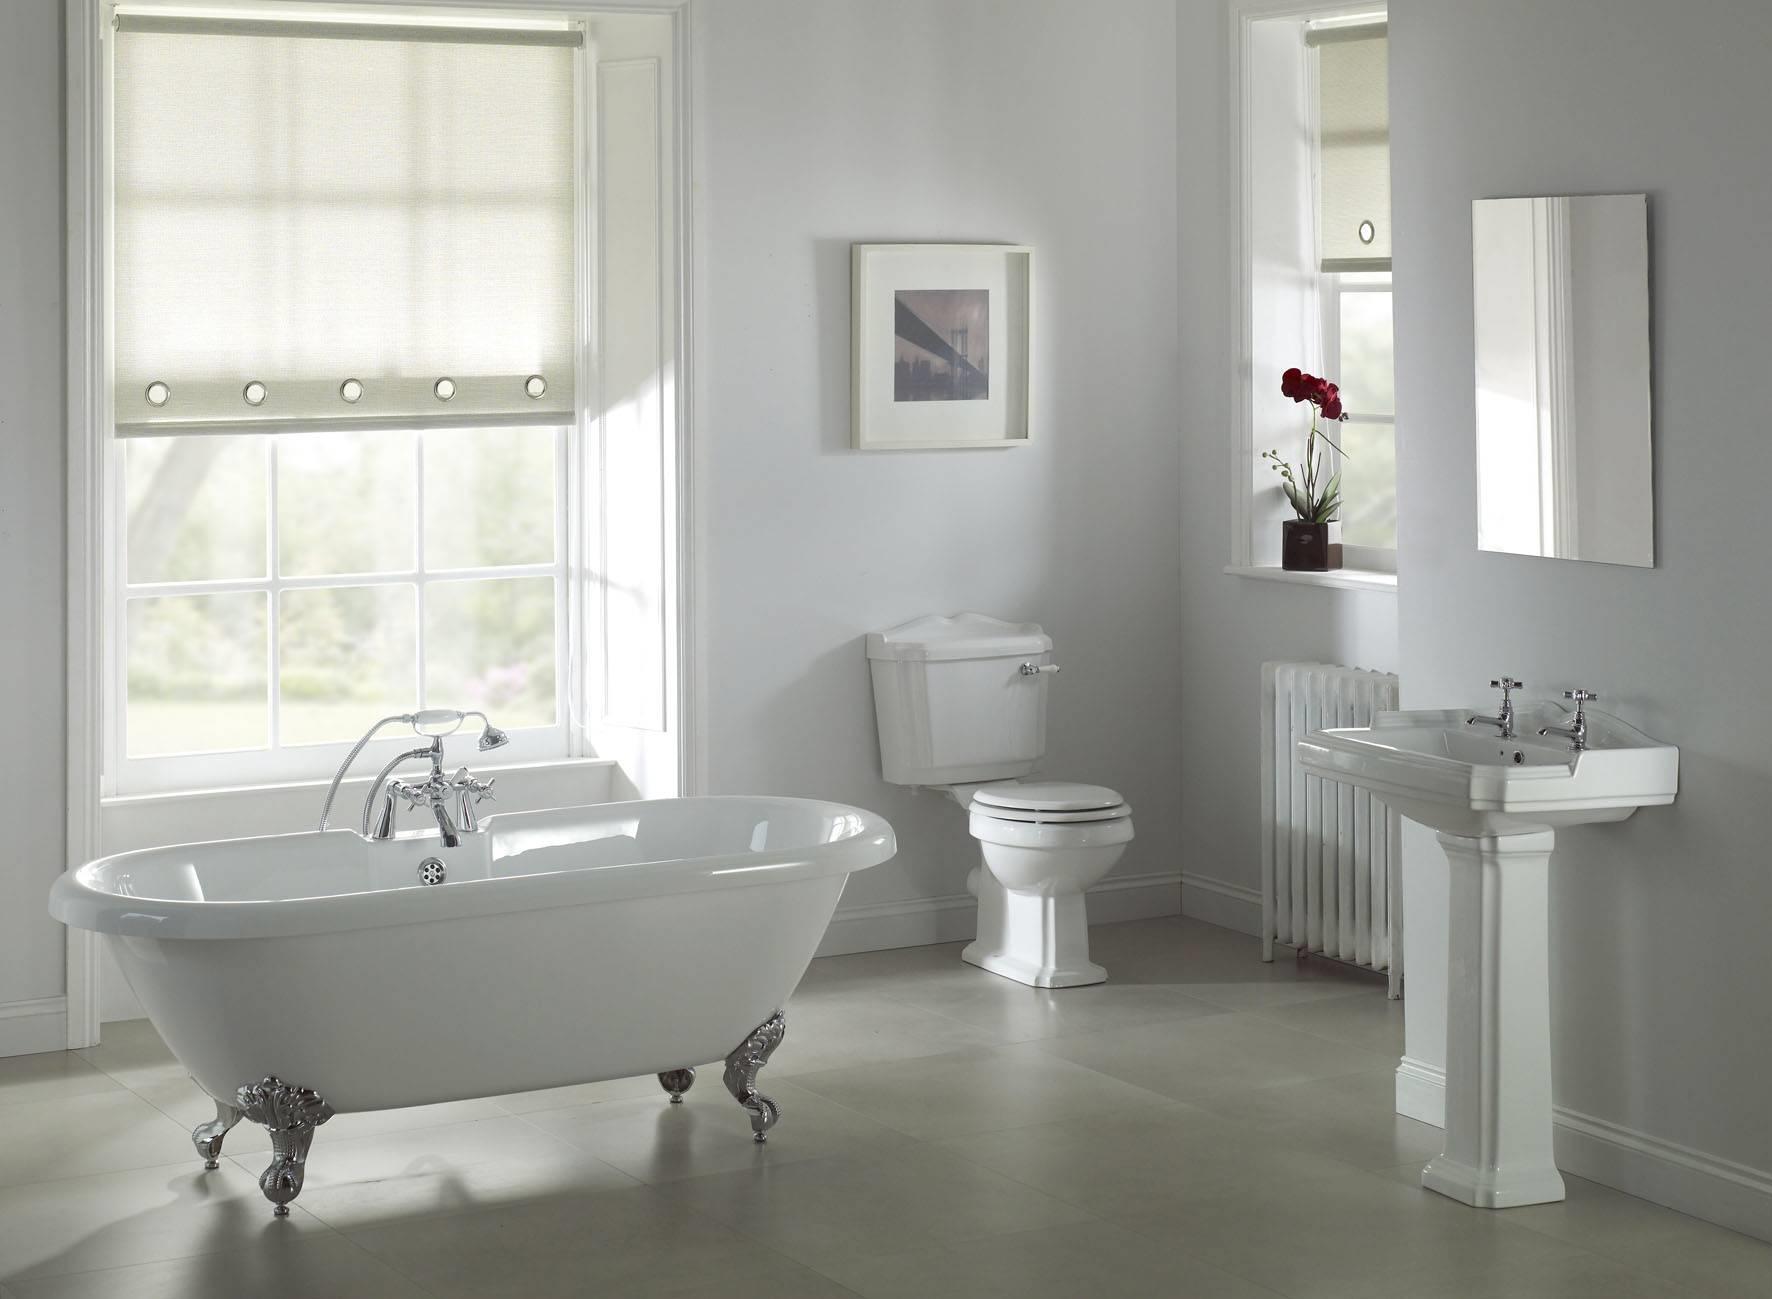 Pulizia del bagno Come pulire il bagno pulizia del bagno: Soluzioni ...